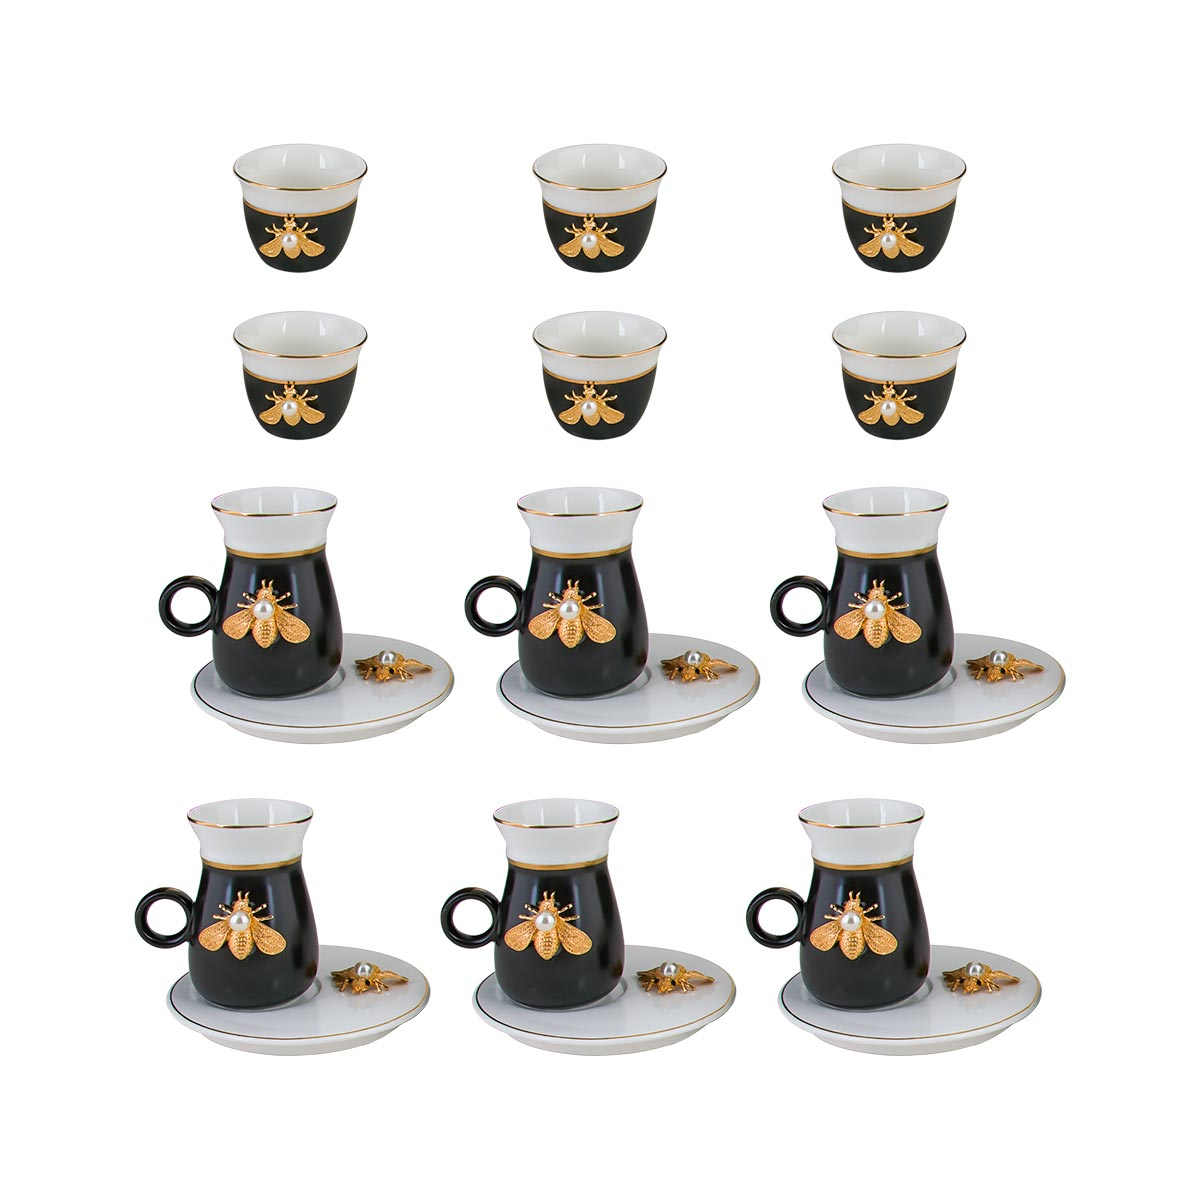 طقم فناجين قهوة وبيالات شاي مع الصحون , 18 قطعة 410010